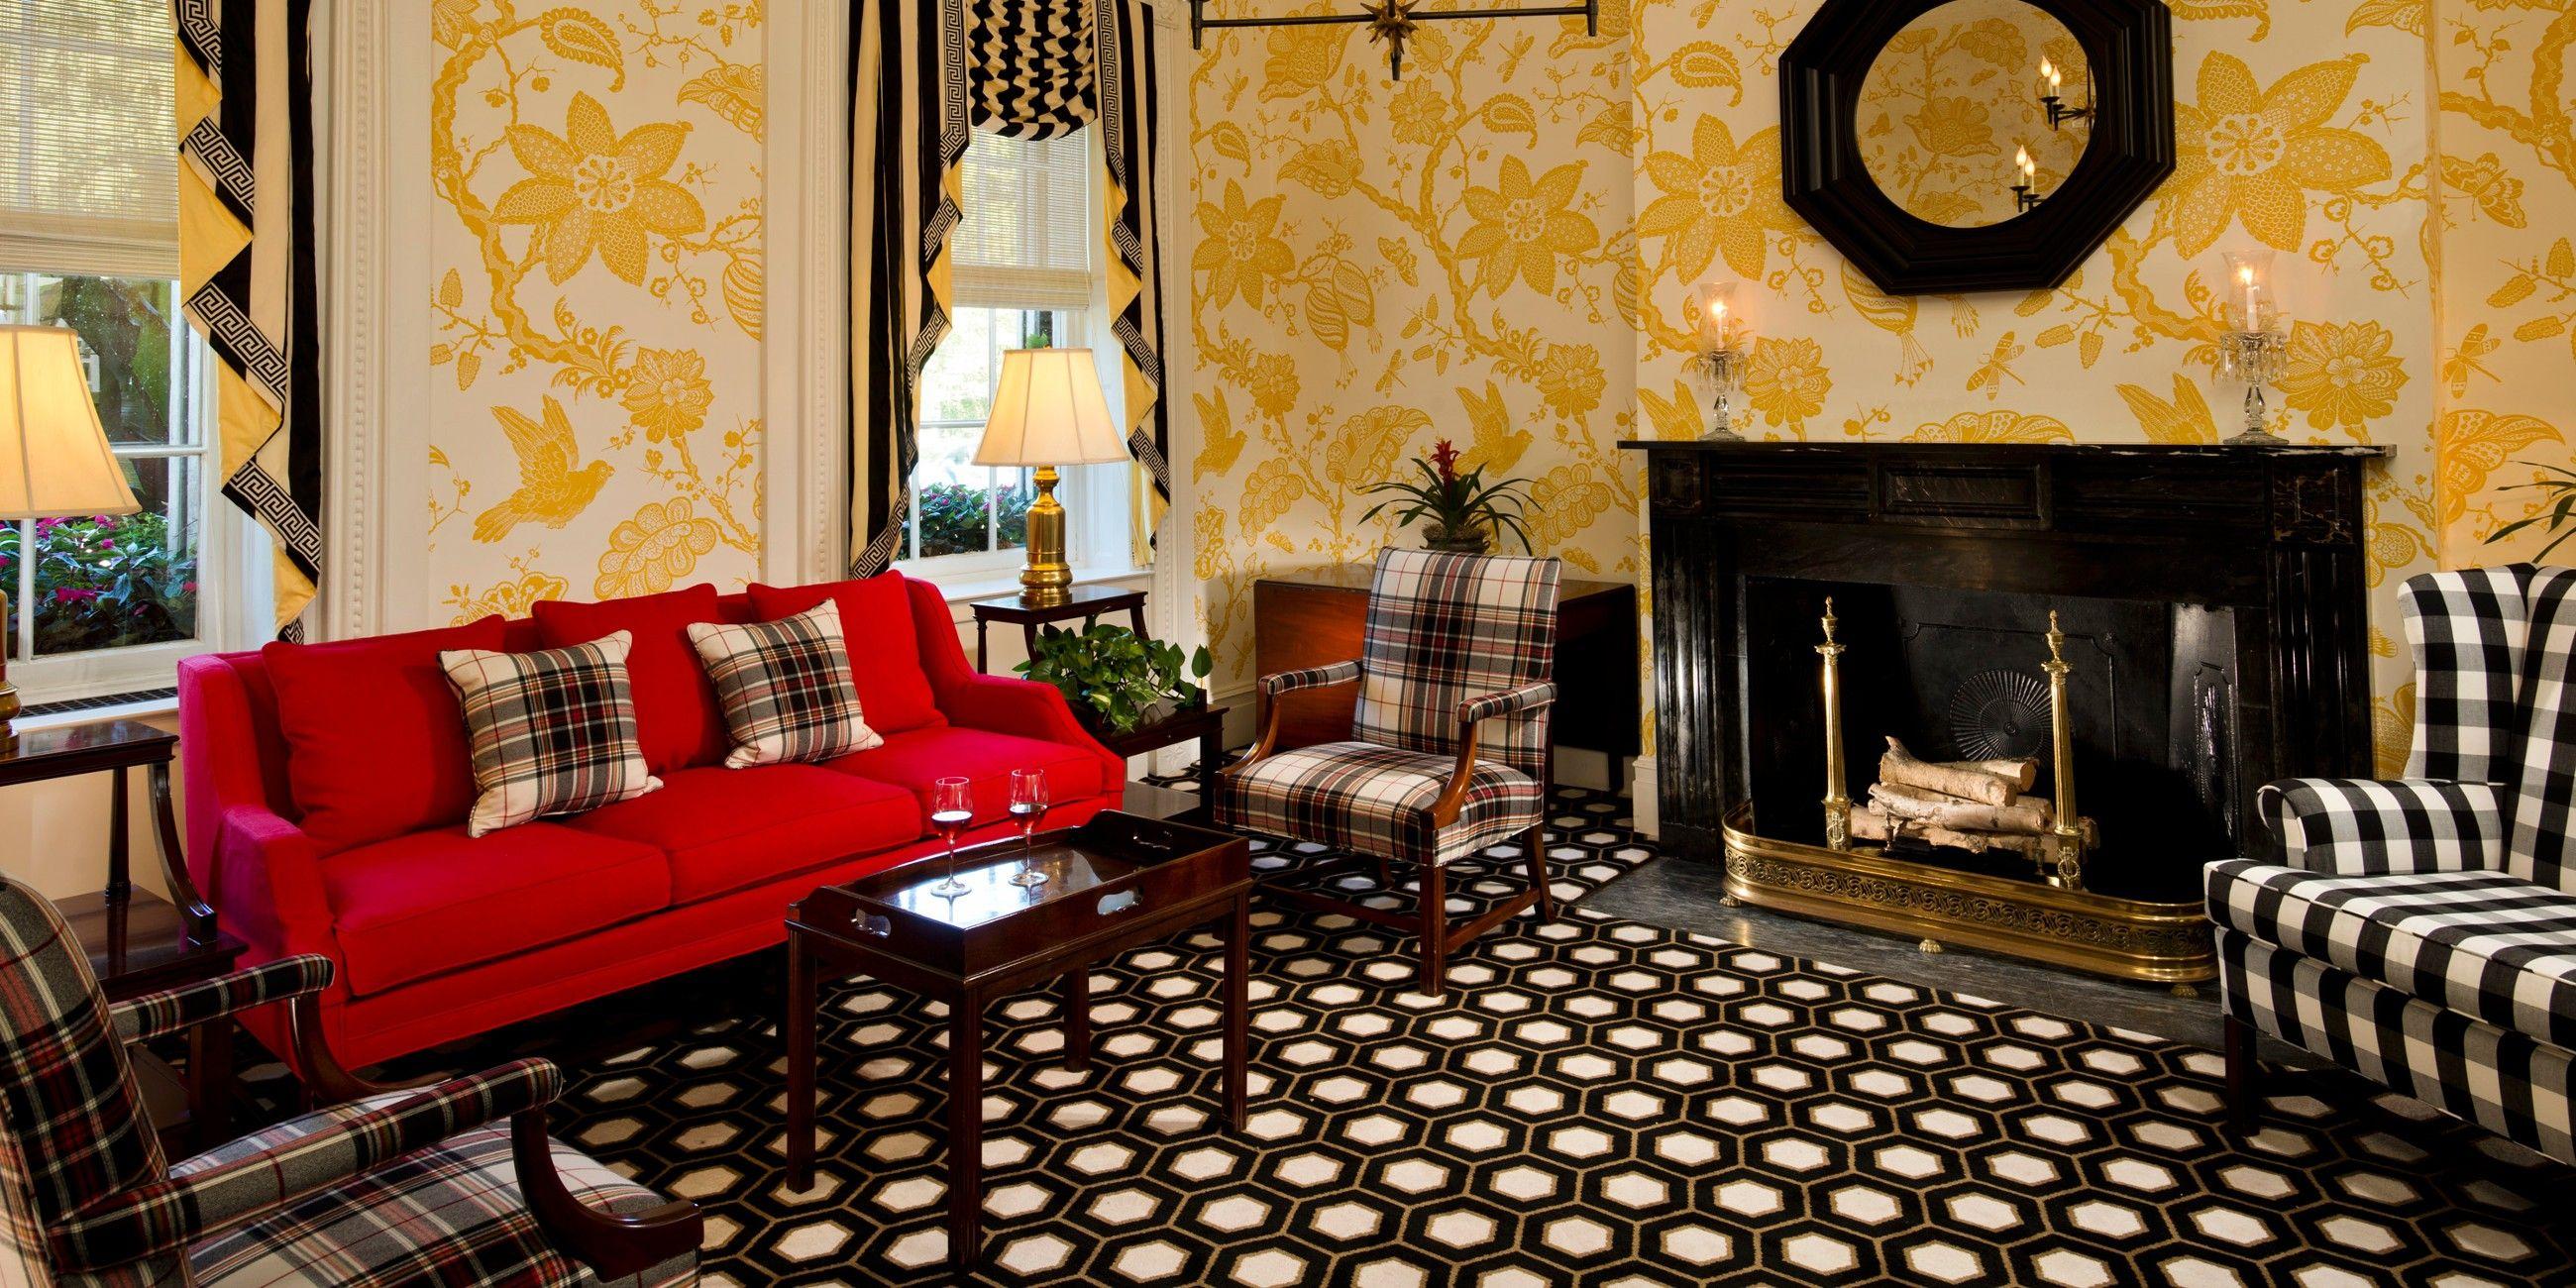 The Cooper Inn (Cooperstown, NY Hotel, Inn, Home decor